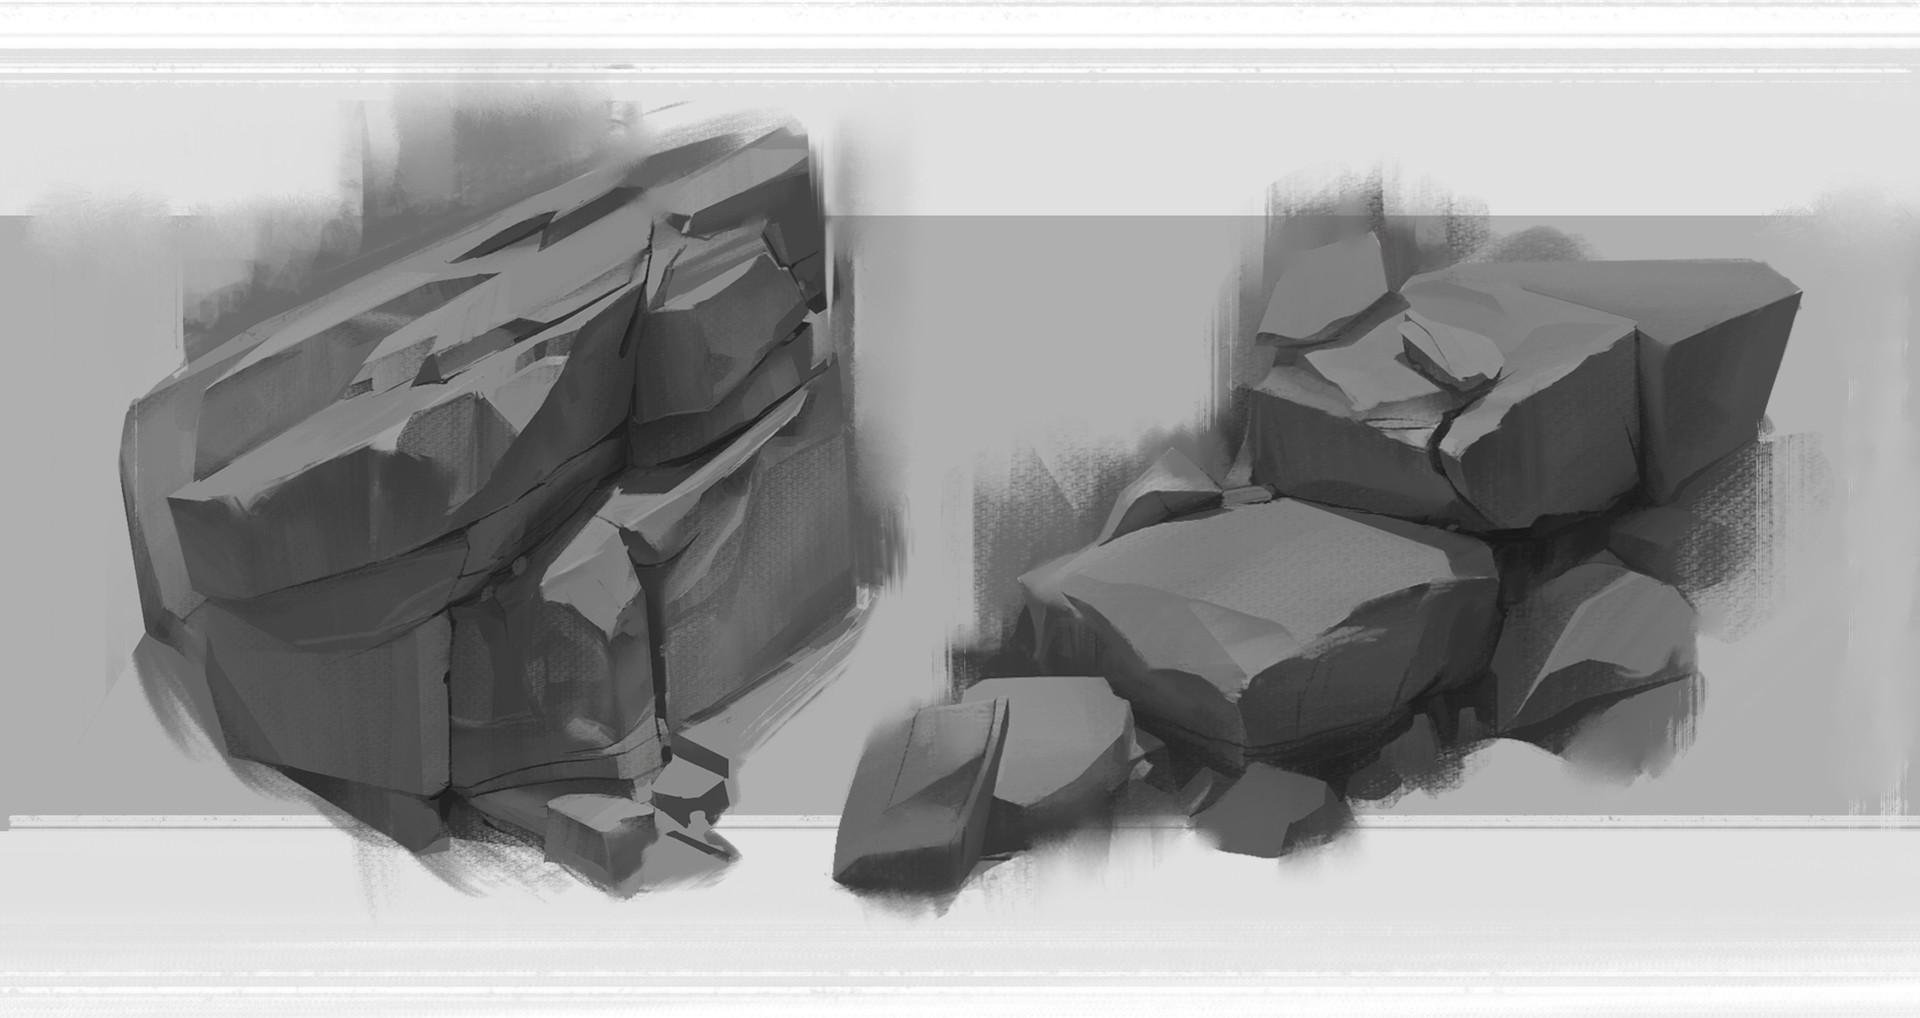 David fortin rock studies 1